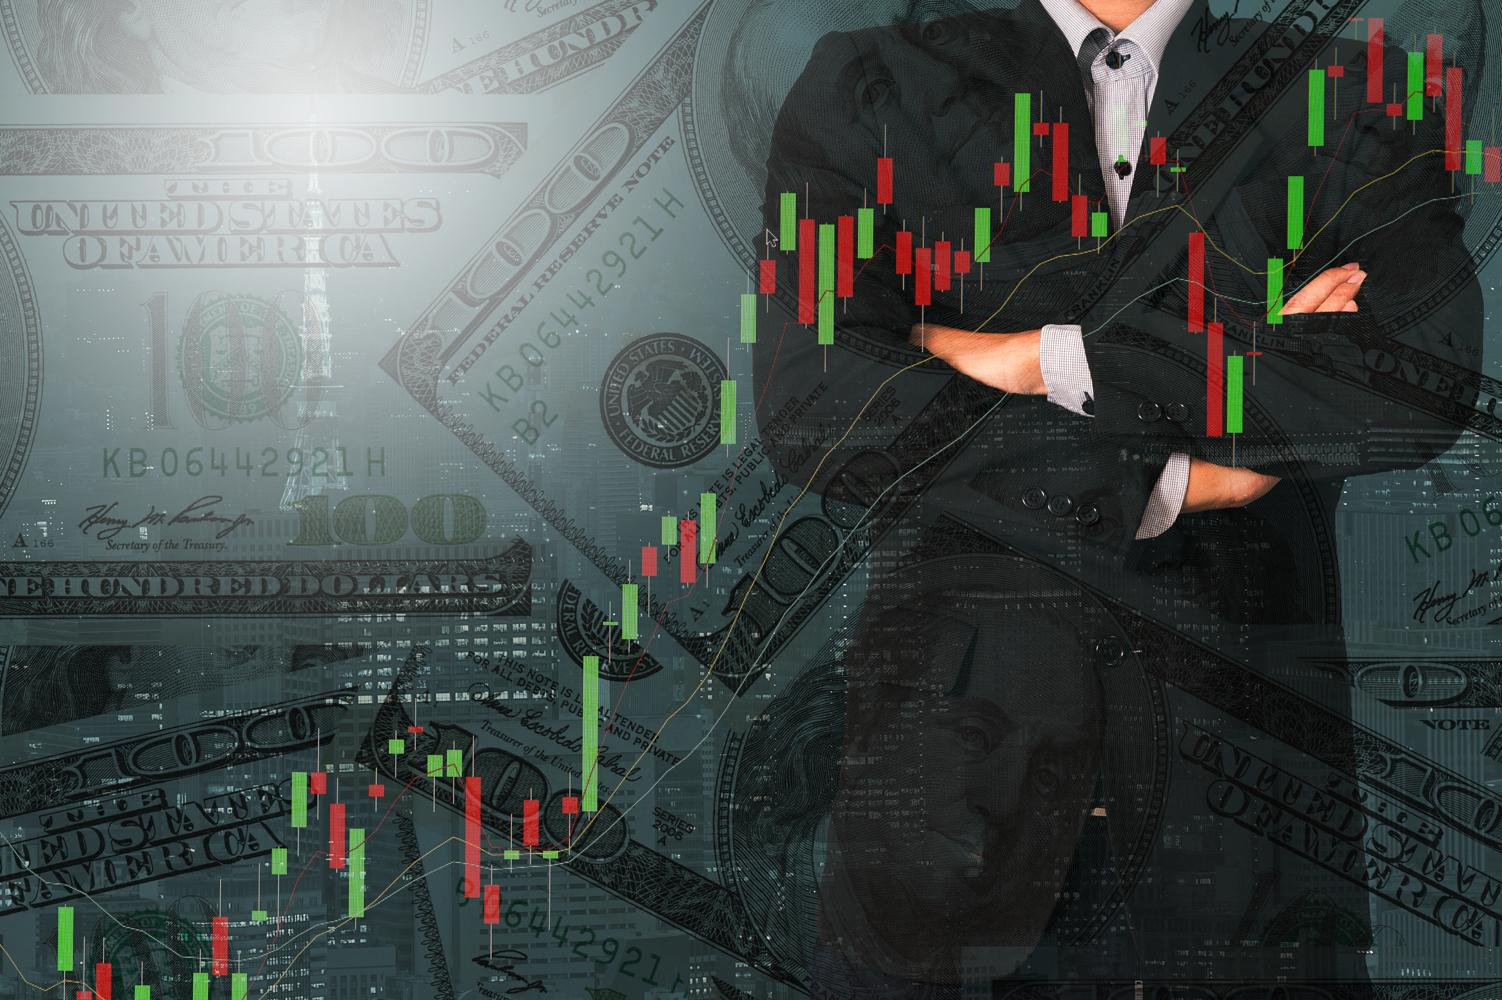 Ce se tranzacționează pe piața opțiunilor binare?